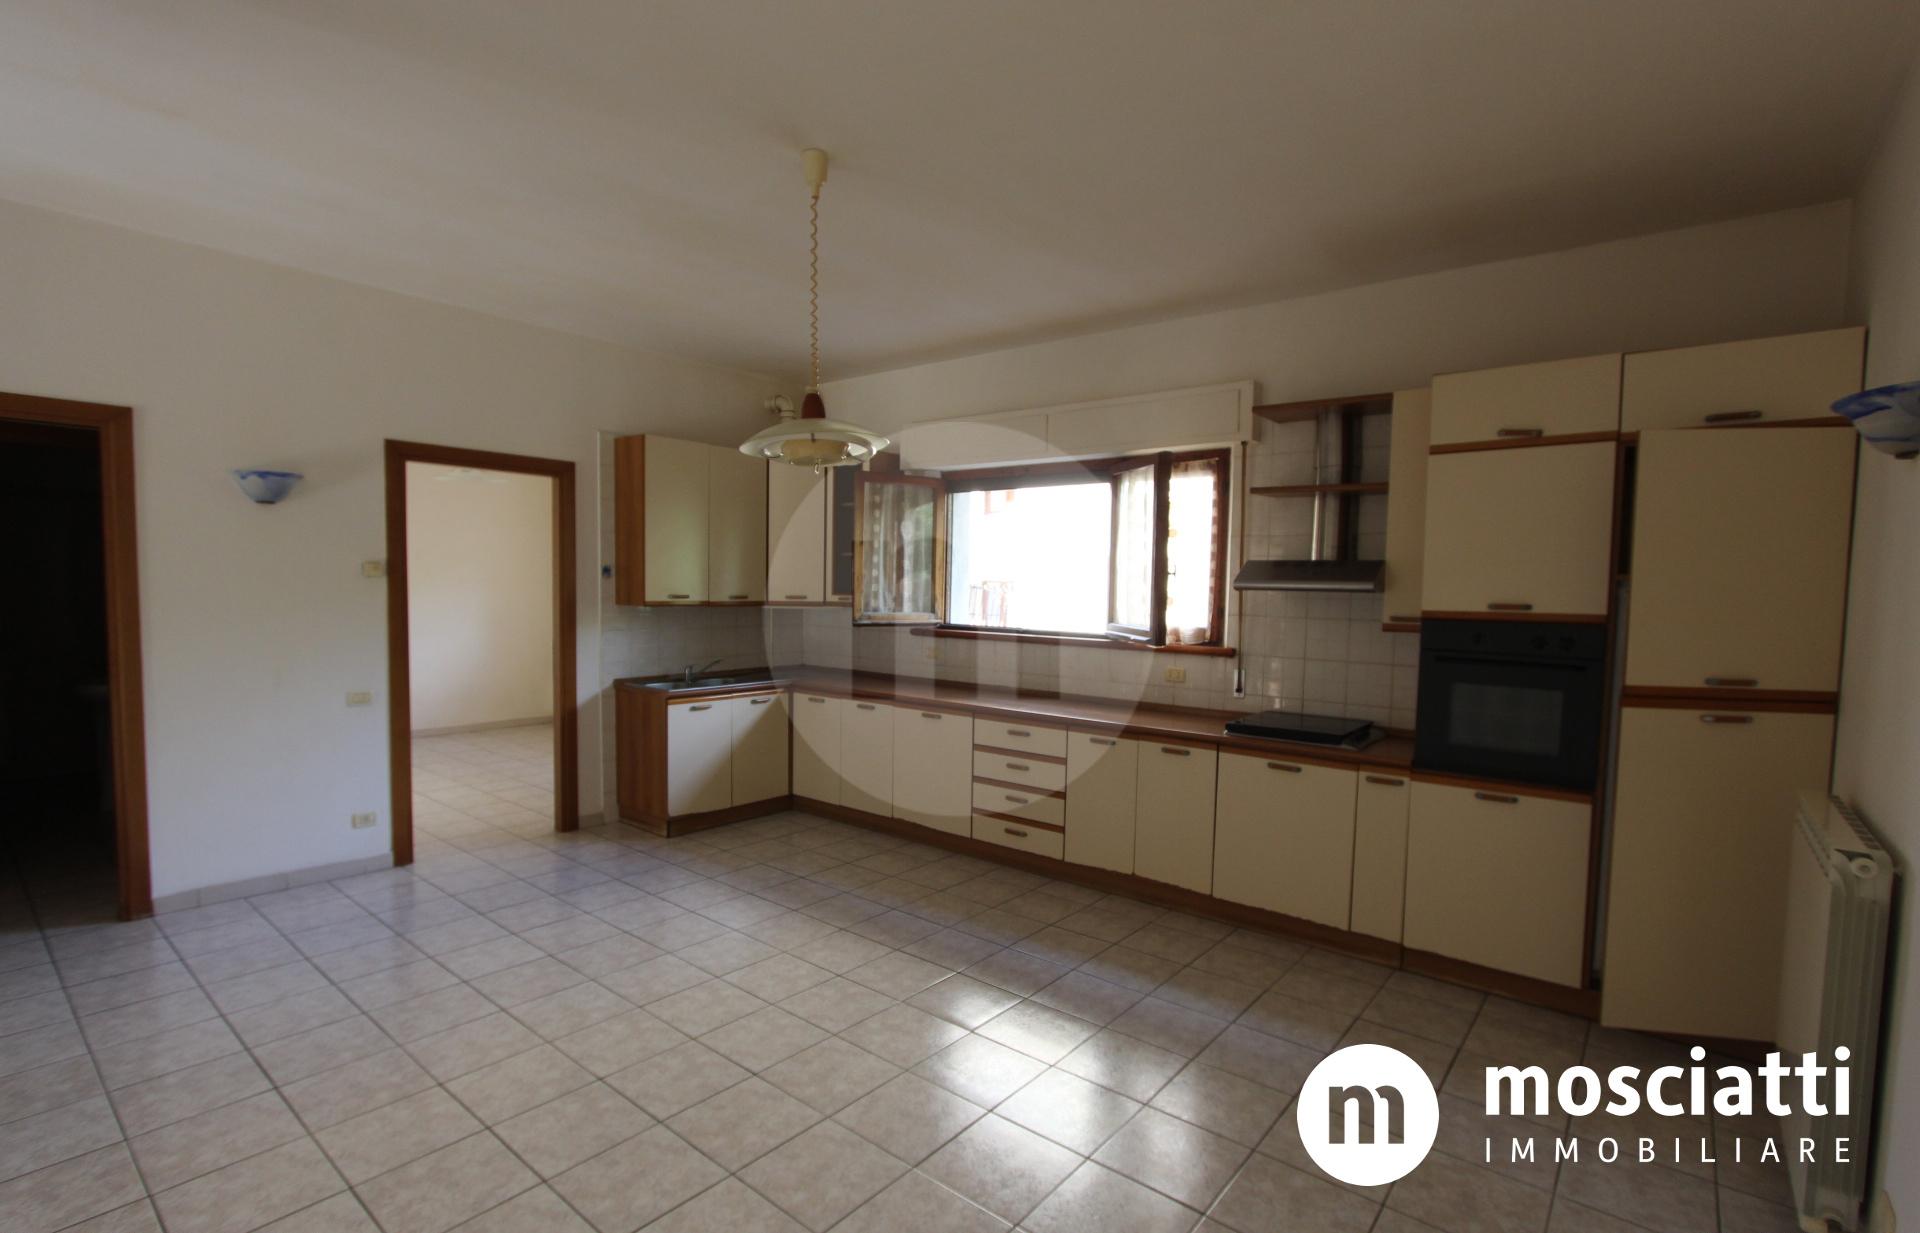 Matelica, Via Torino, vendesi abitazione al piano rialzato con ingresso indipendente - 1